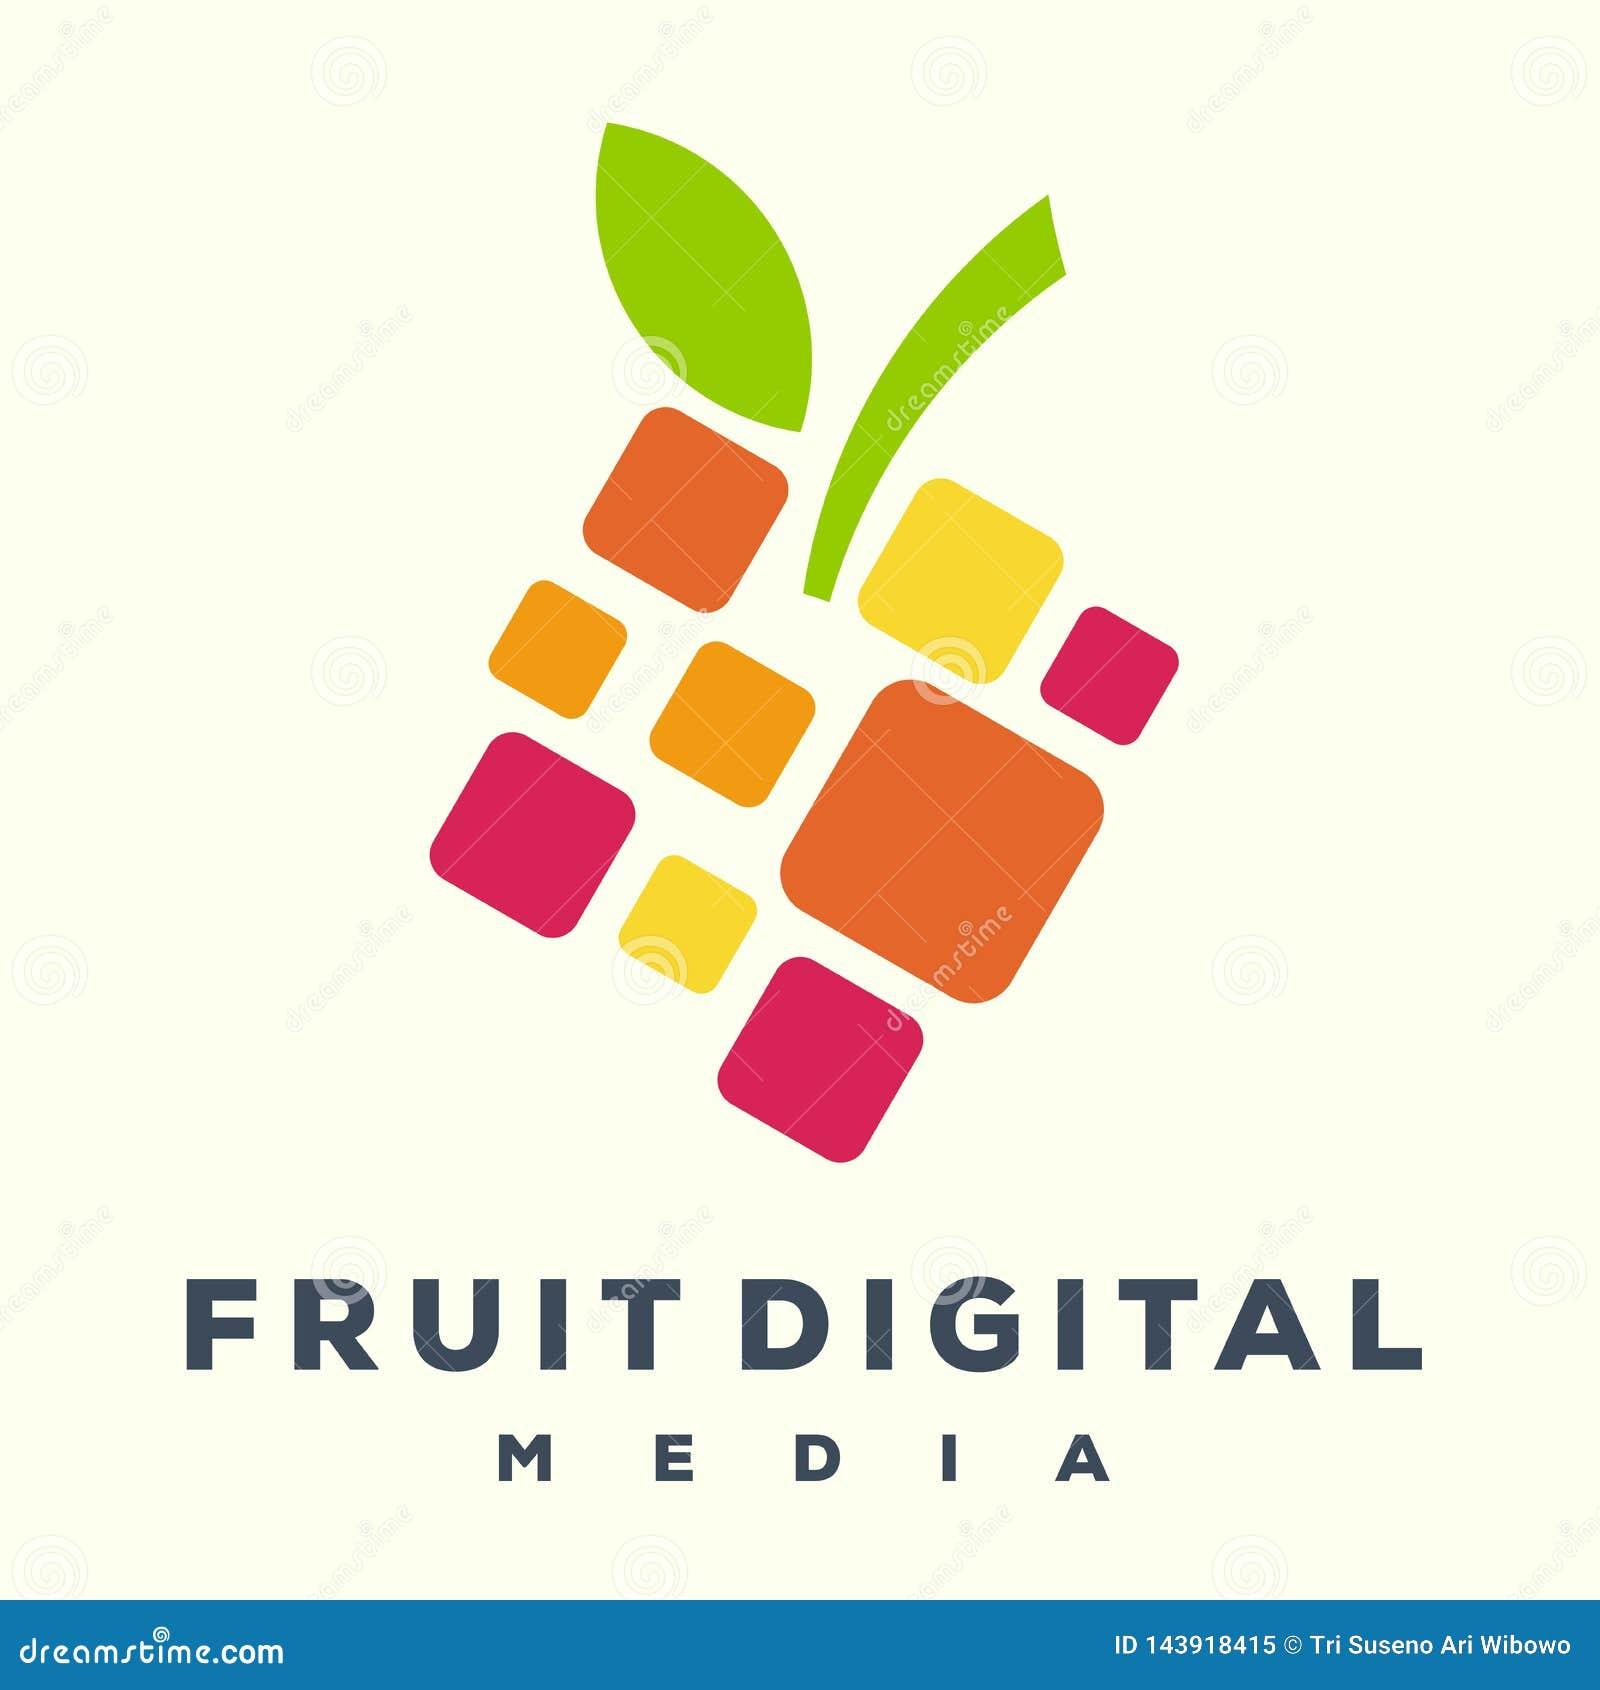 Logotipo digital de la fruta impresionante